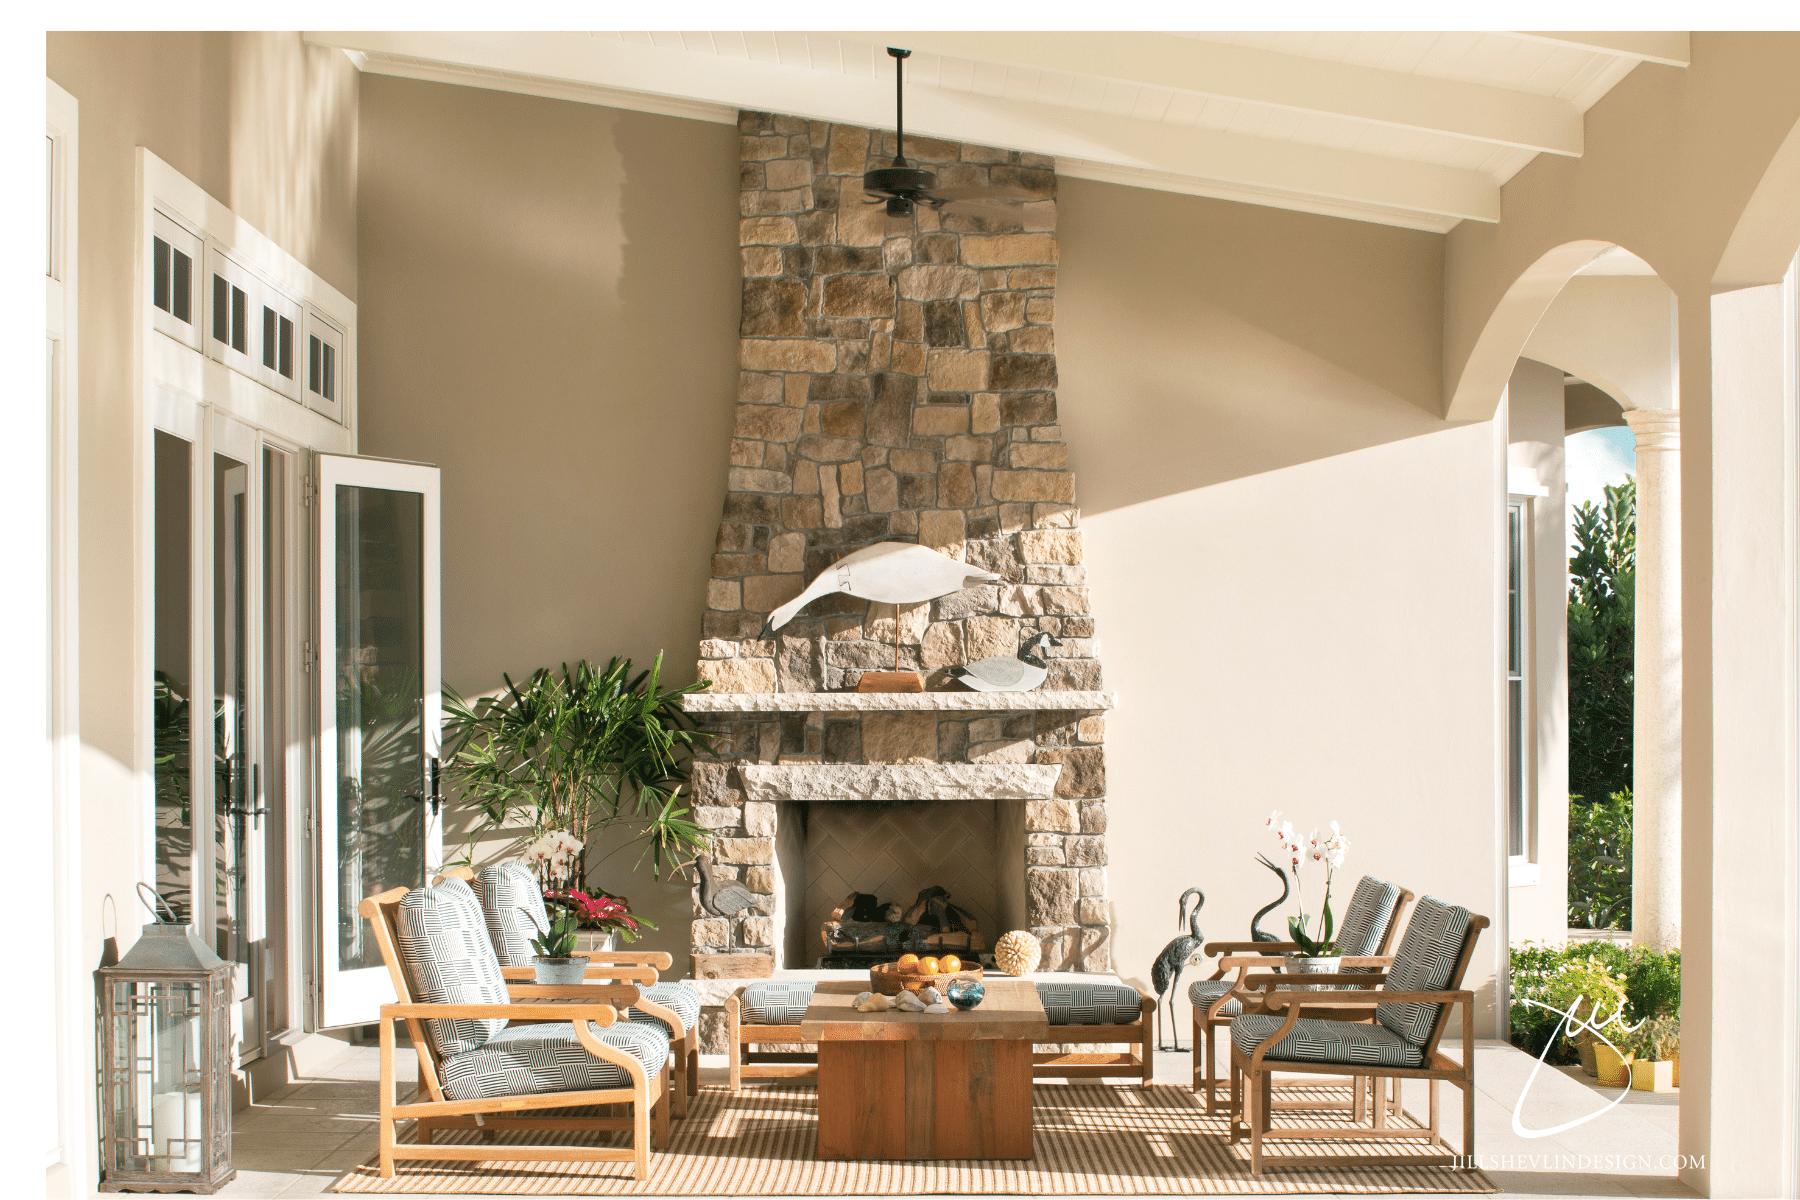 Jill Shevin Design Outdoor Living Fireplace in a Vero Beach Home Vero Beach Inteiror Designer Vero Beach Home Renovation